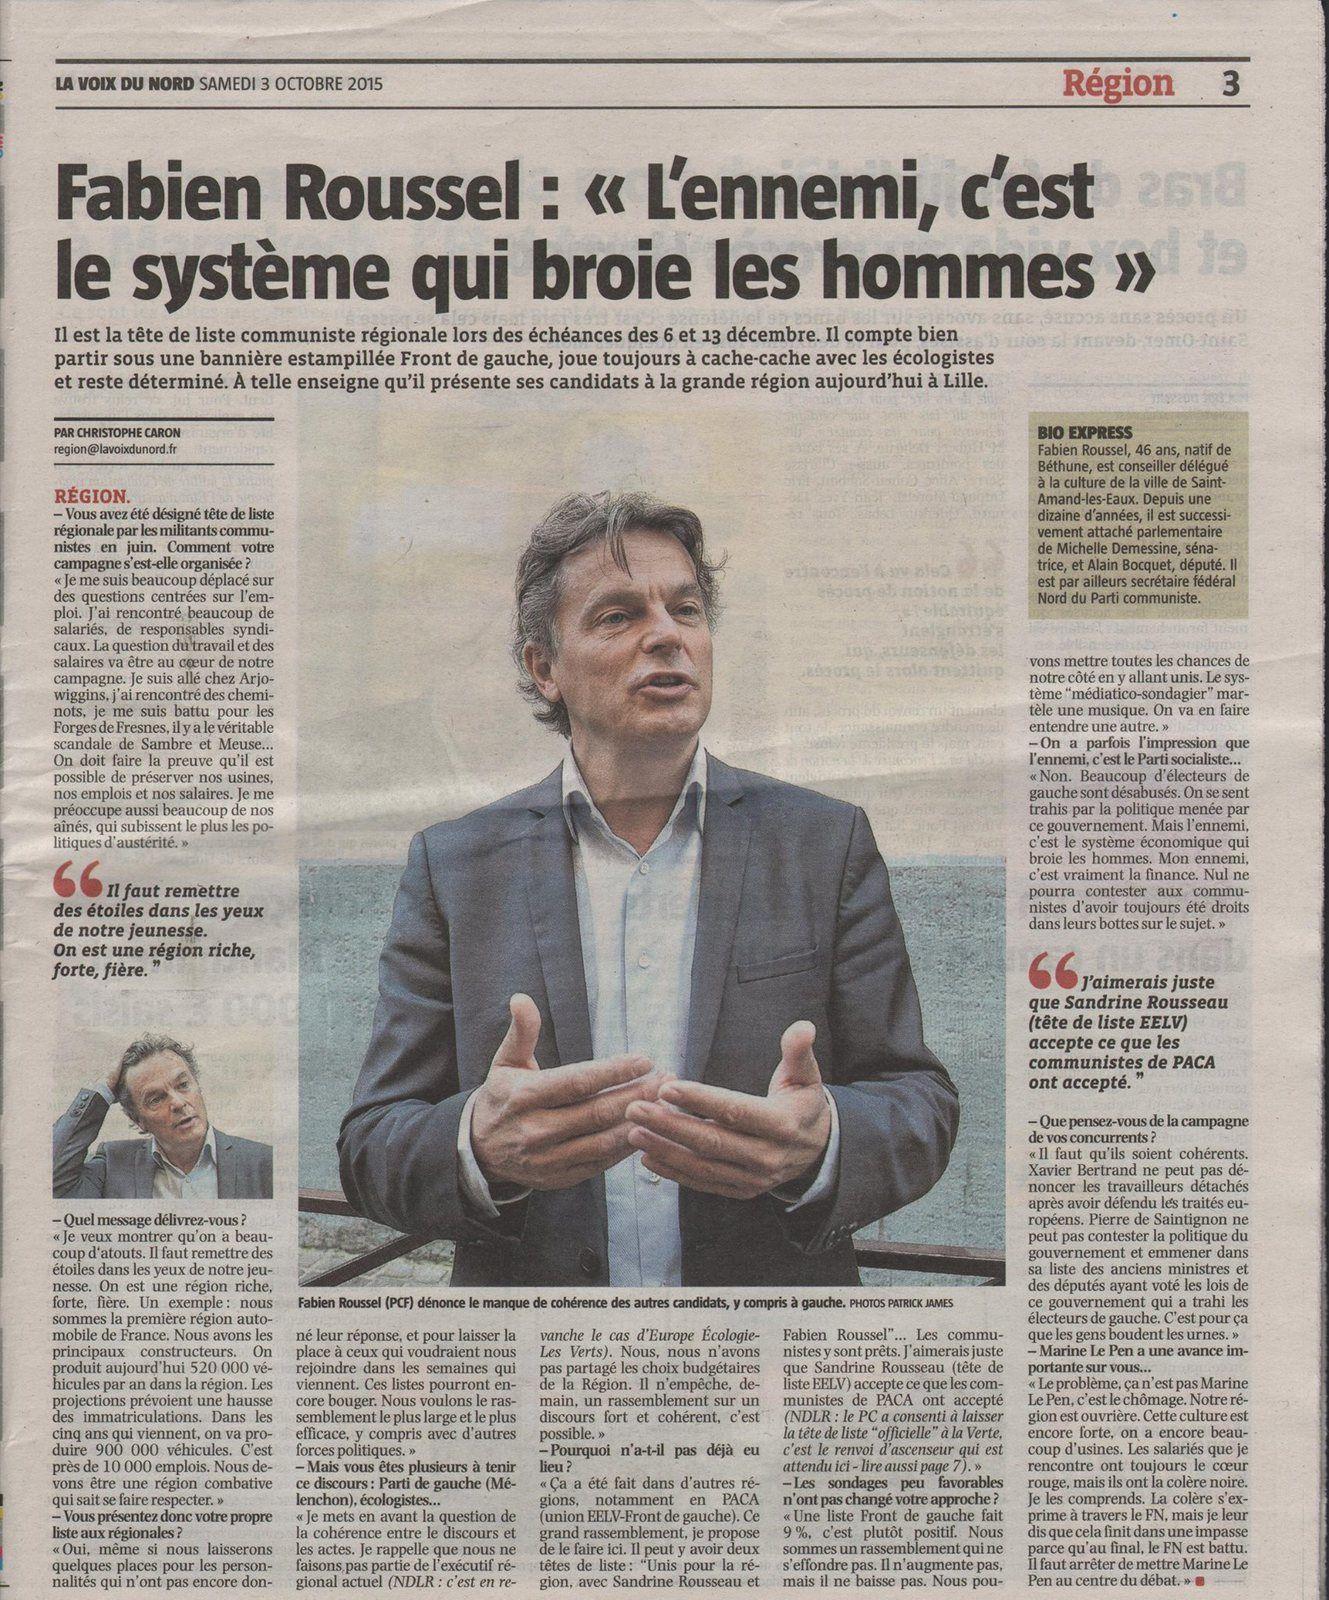 Régionales: Fabien Roussel: «L'ennemi, c'est le système qui broie les hommes»